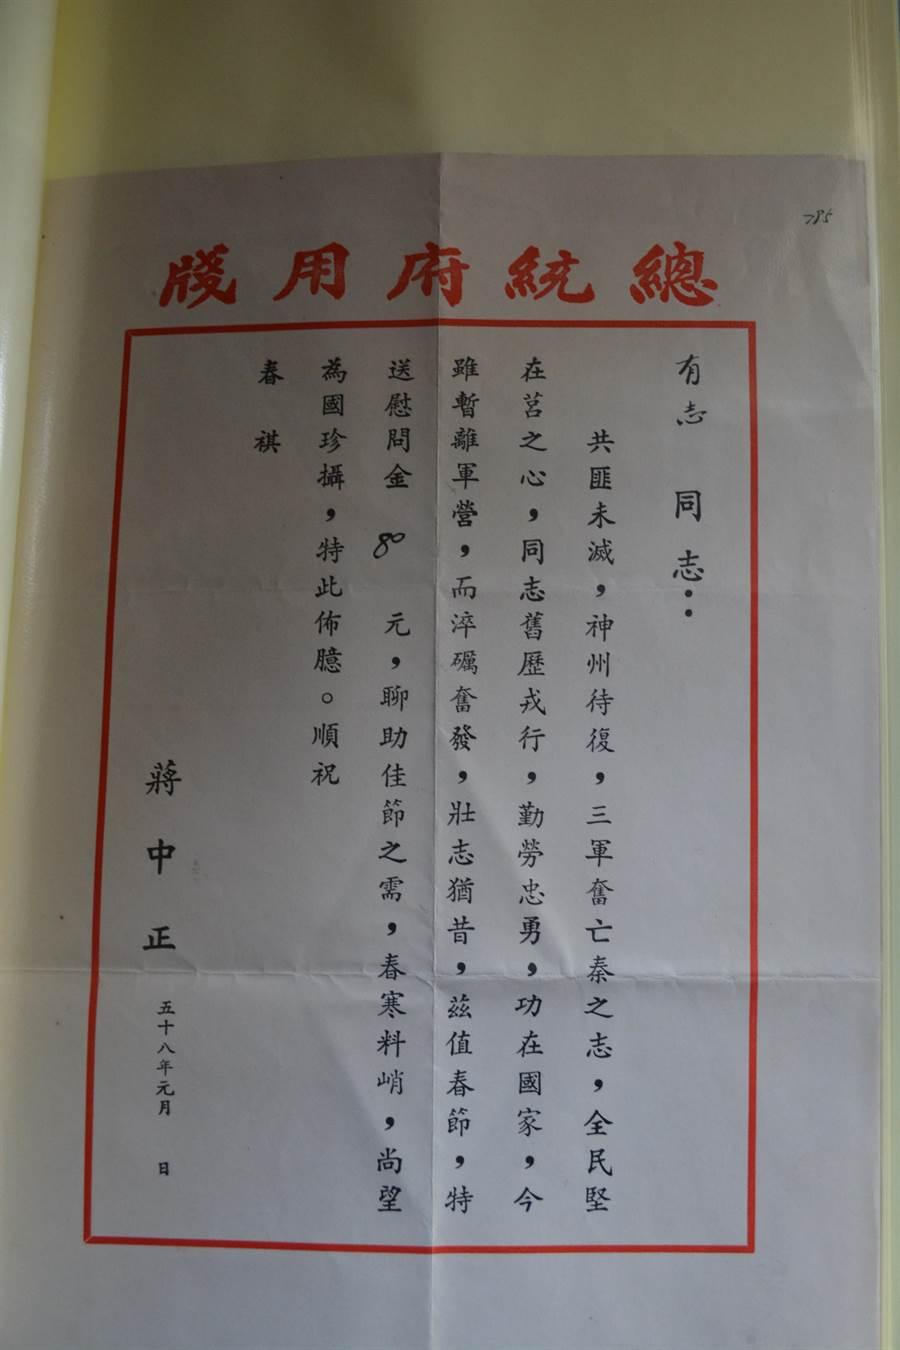 沈有志退役后,仍持续接到蒋中正总统的慰问信。(作者摄)